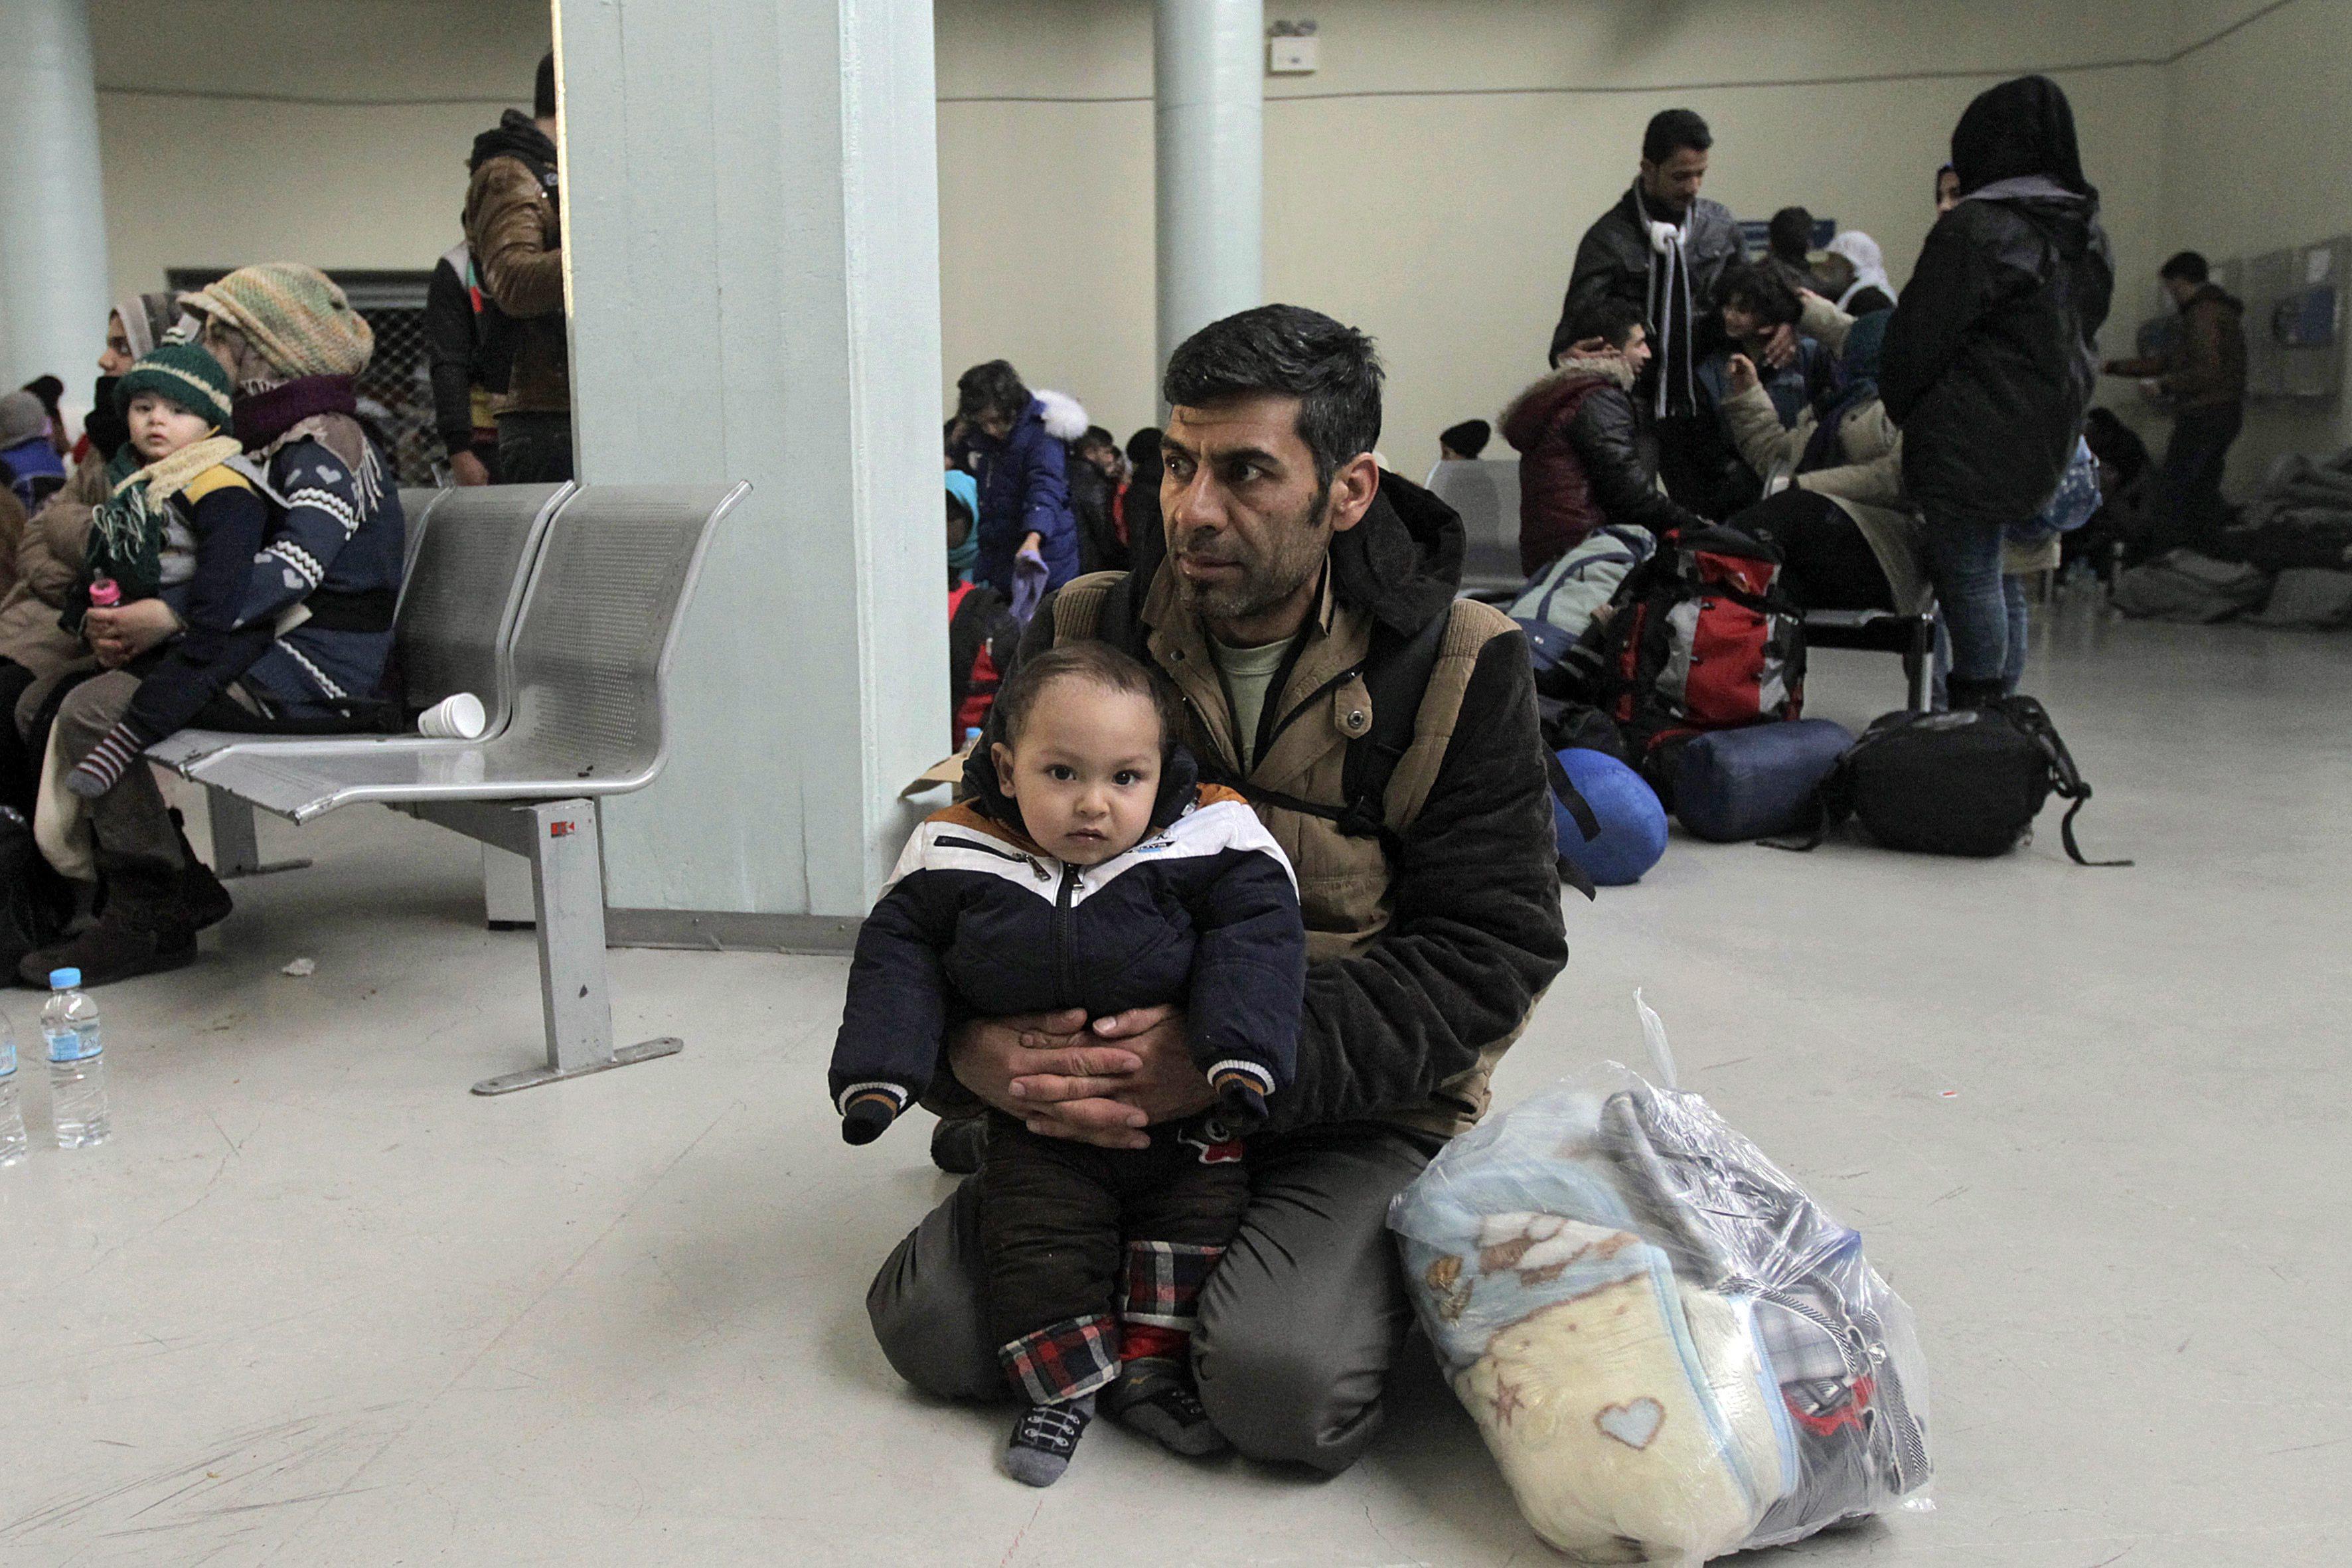 """Registos na Grécia funcionarão em pleno """"dentro de dias, um mês"""" - Comissão Europeia"""